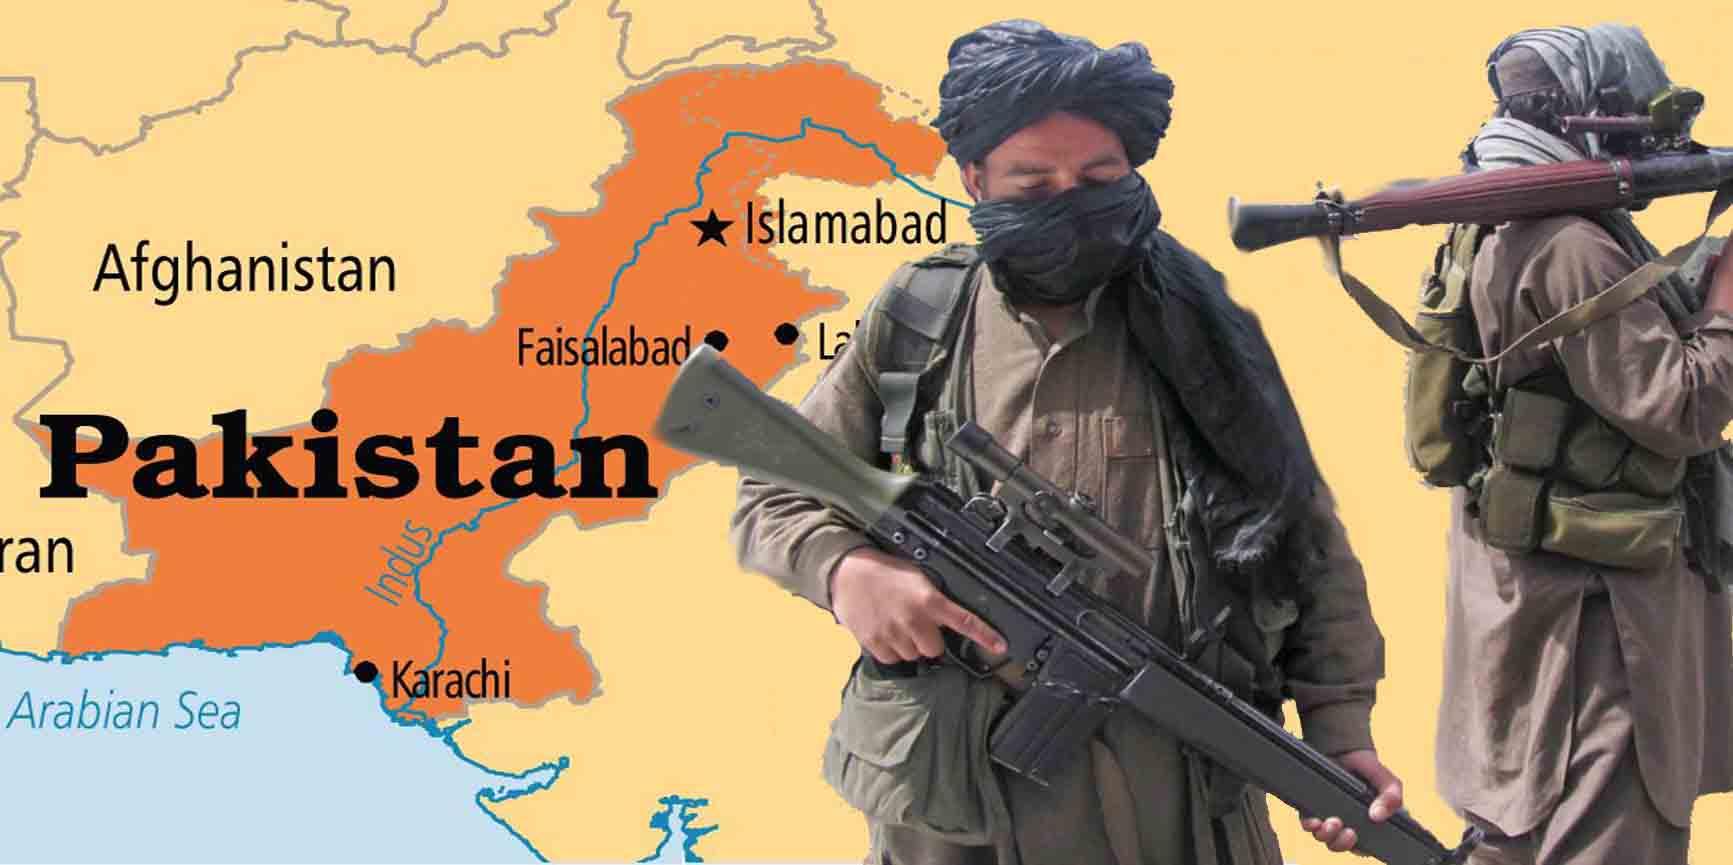 طالبان پاکستان - یاسین ضیا: طالبان دست به دامان پاکستان شده اند